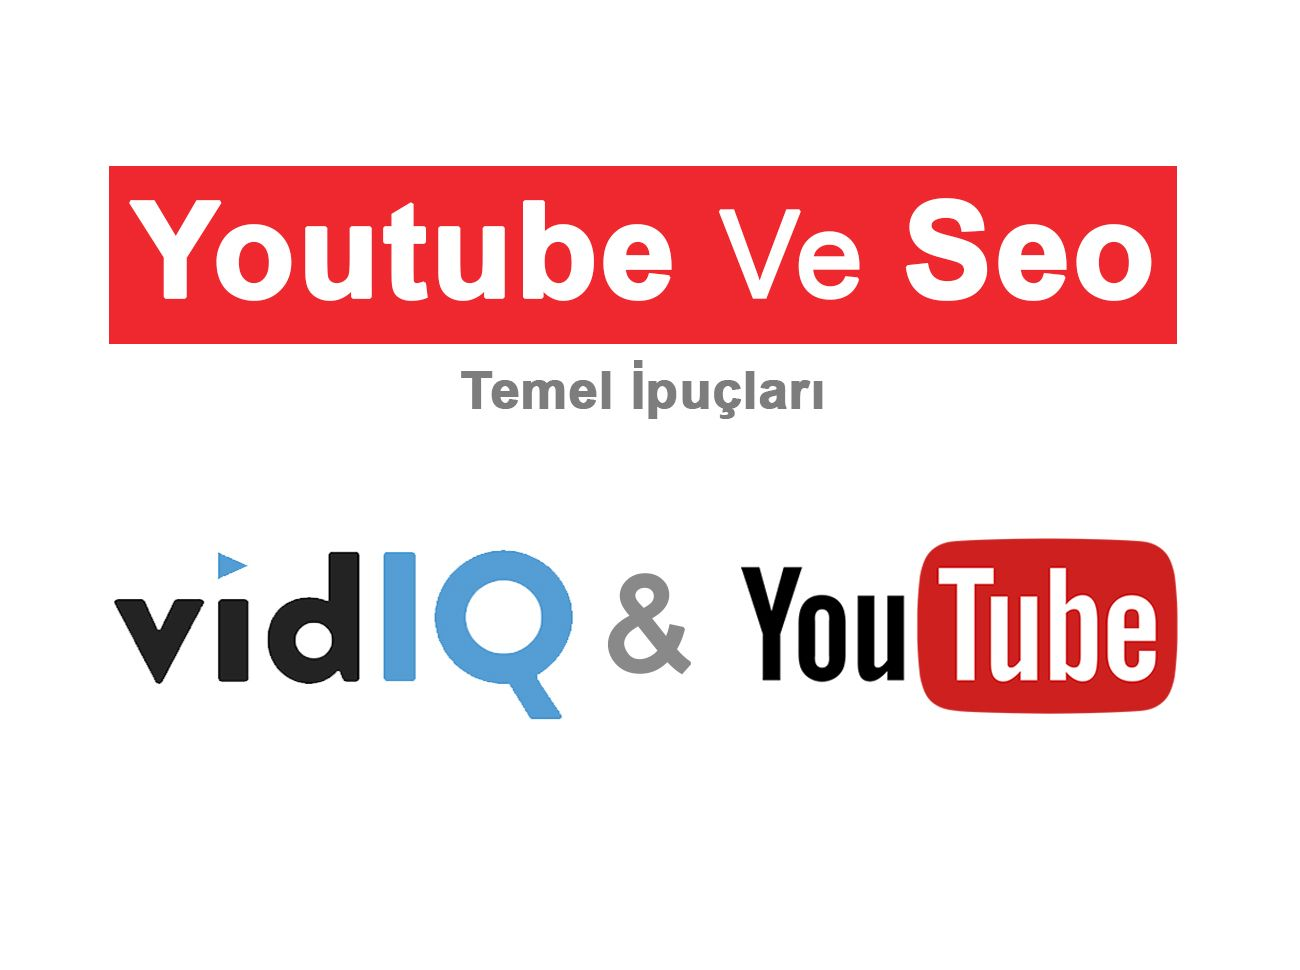 Youtube İçin Temel Seo Tavsiyeleri Ve VidIQ Uygulaması